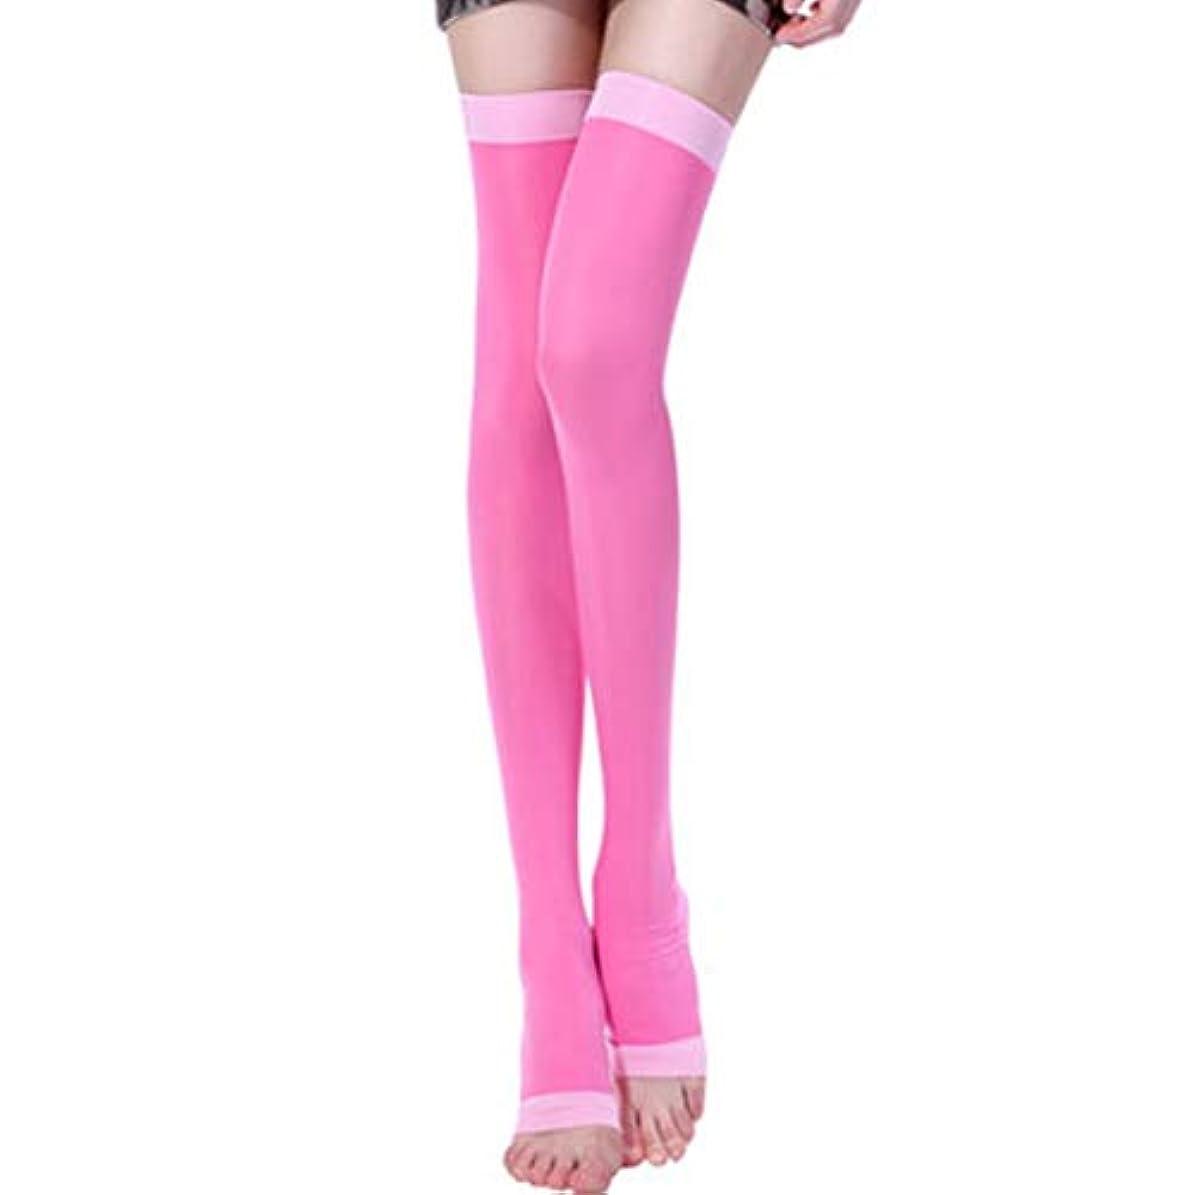 リハーサル累積単にOneHealth 最新モデル 楽やせ第2世代 美脚ソックス 寝ながらレッグスリマー ロングサイズ (ピンク L)